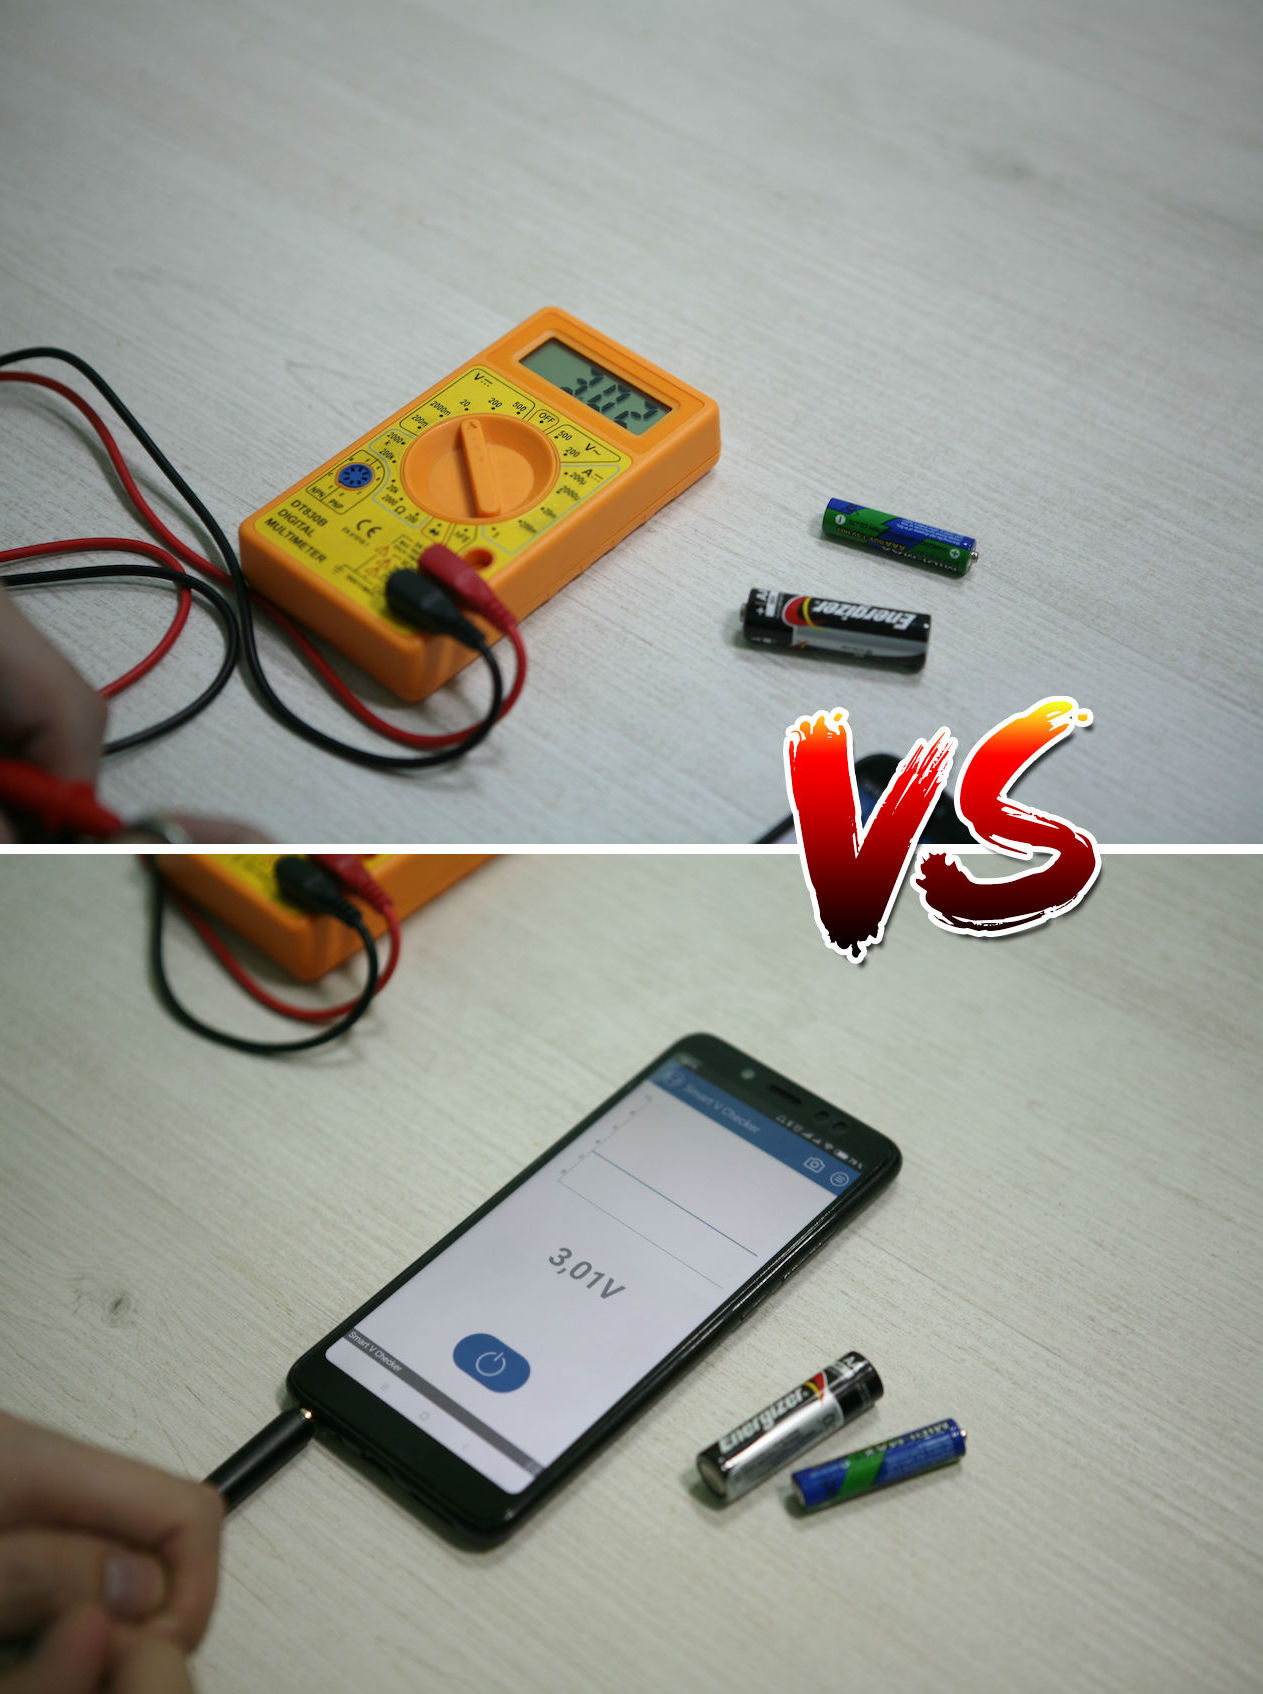 Вольтметр для батареек: карманный гаджет для смартфона с «крокодильчиками» - 5